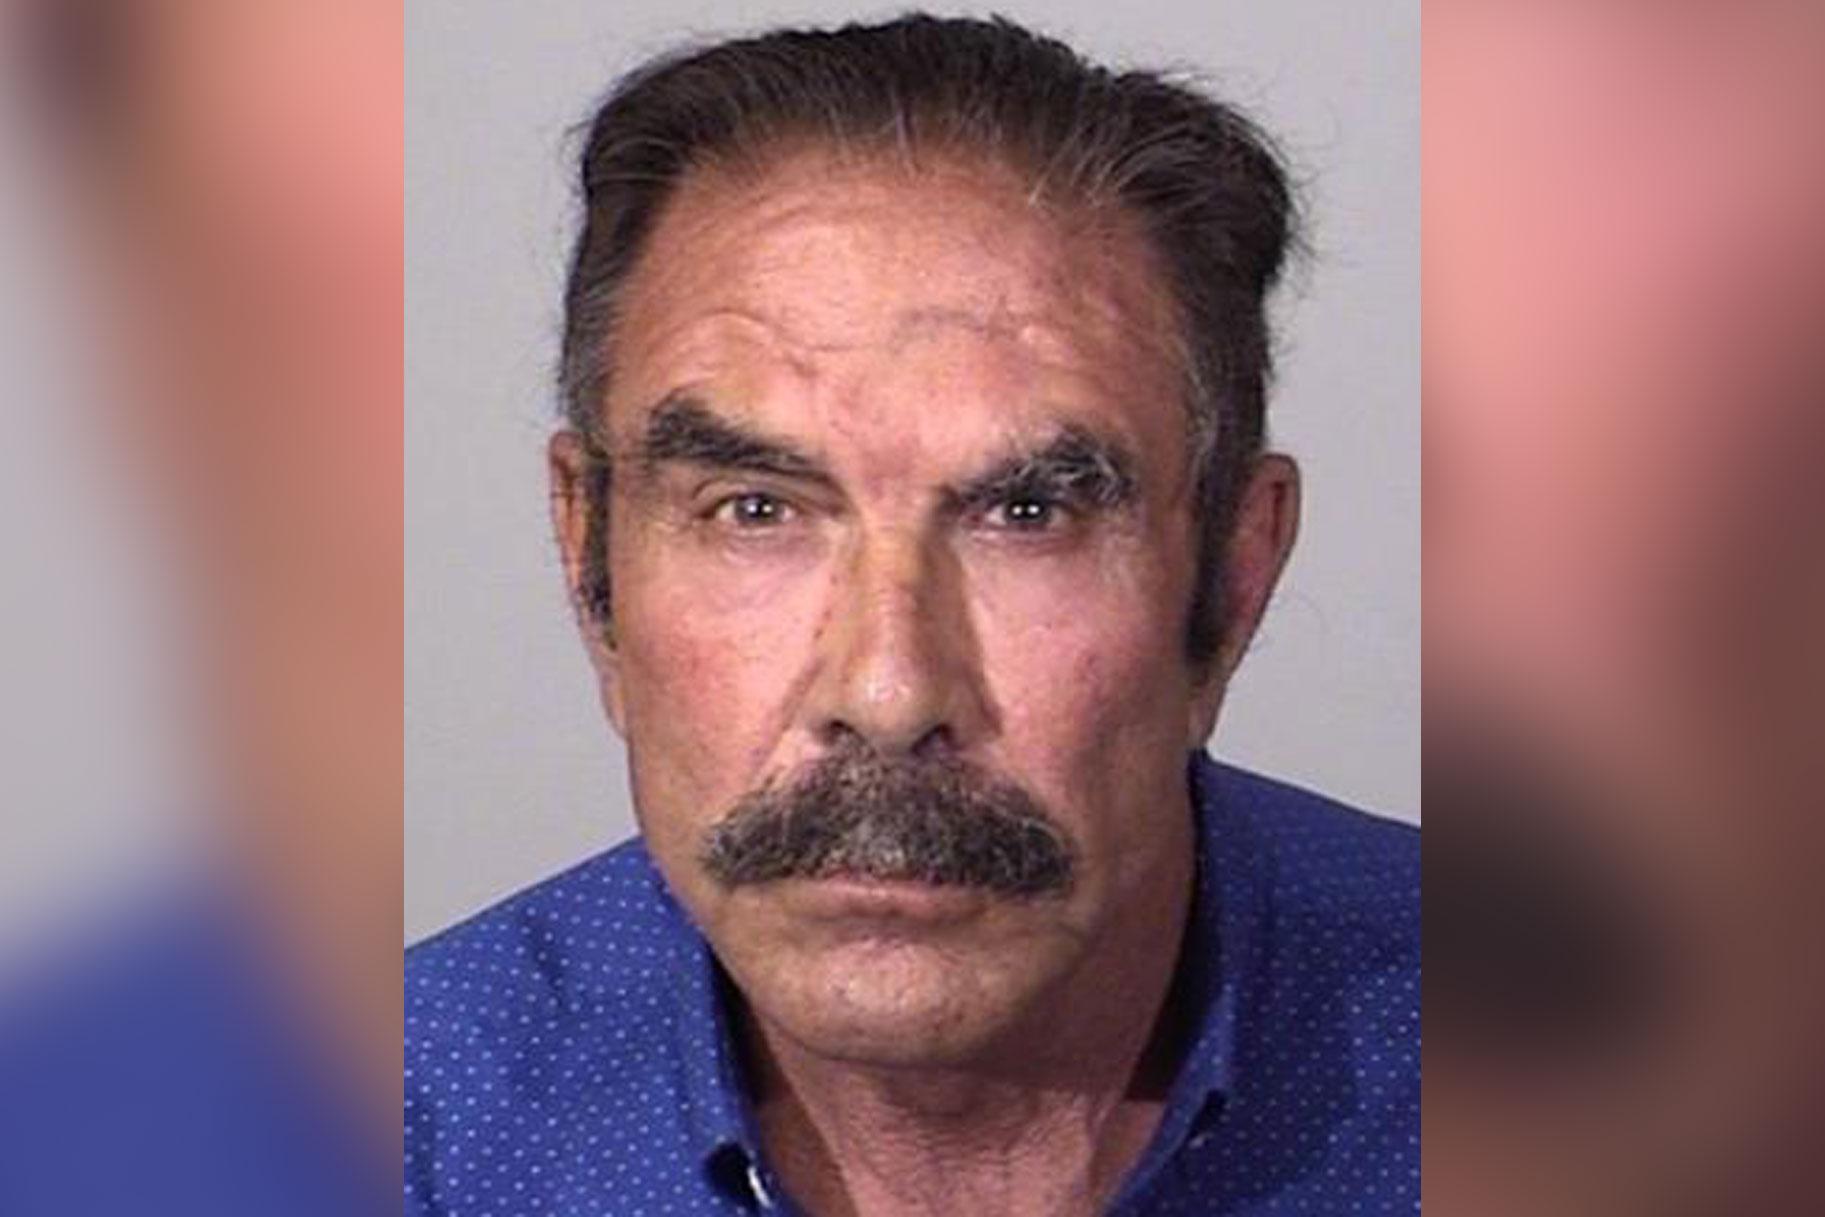 מנתח פלסטי בקליפורניה מואשם בתקיפה מינית של 15 חולים